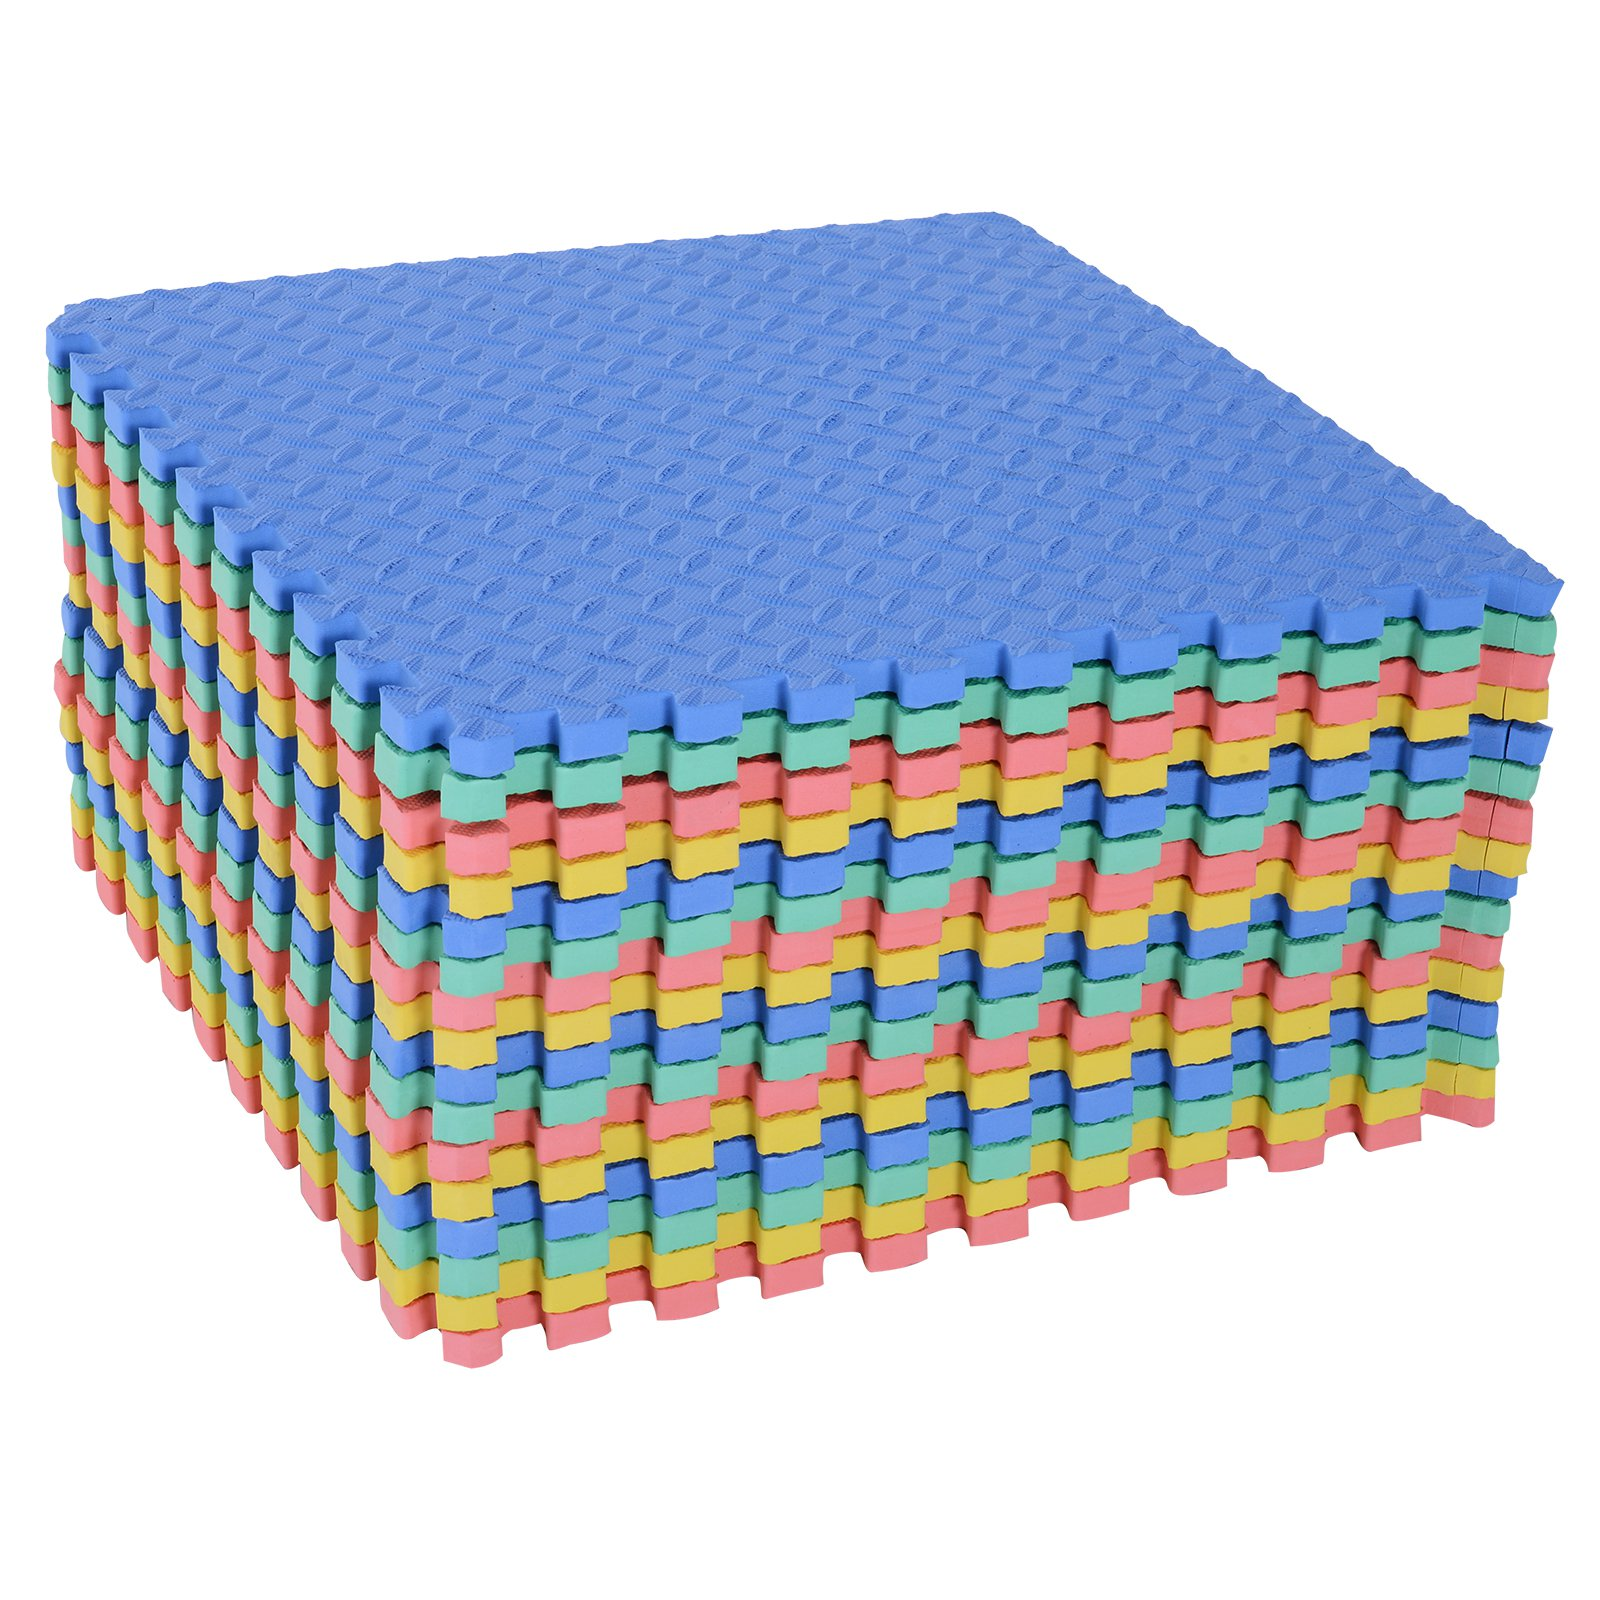 HOMCOM Covor Puzzle in EVA pentru Copii Antialunecos 16 Bucati Multicolor 63.5x63.5x2cm imagine aosom.ro